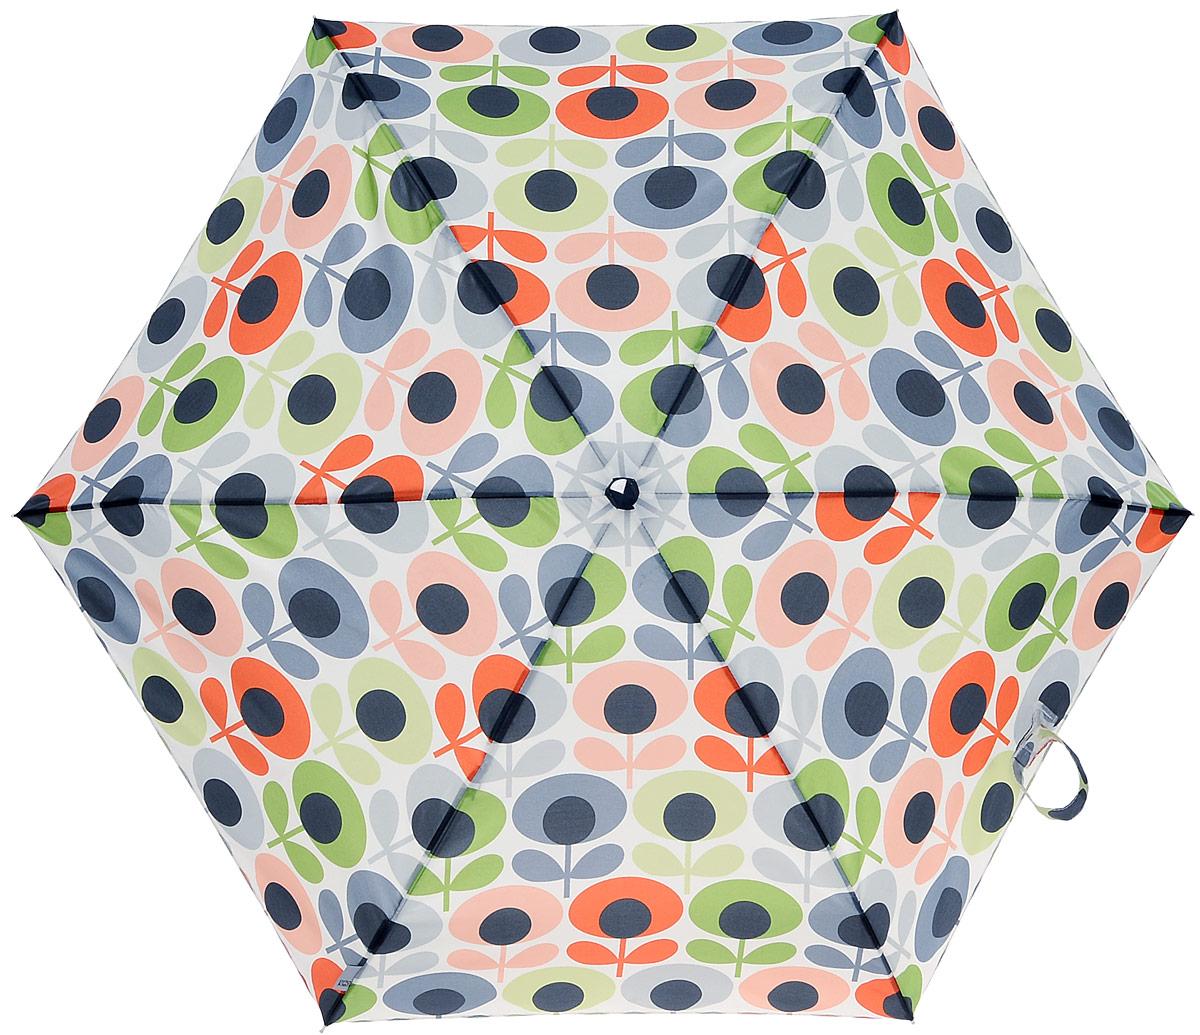 Зонт женский Orla Kiely Tiny, механический, 5 сложений, цвет: мультиколор. L744-3202L744-3202 MultiFlowerOvalСтильный механический зонт Orla Kiely Tiny в 5 сложений даже в ненастную погоду позволит вам оставаться элегантной. Облегченный каркас зонта выполнен из 6 спиц из фибергласса и алюминия, стержень также изготовлен из алюминия, удобная рукоятка - из дерева. Купол зонта выполнен из прочного полиэстера и оформлен оригинальным красочным принтом. В закрытом виде застегивается хлястиком на липучку. Зонт механического сложения: купол открывается и закрывается вручную до характерного щелчка. На рукоятке для удобства есть небольшой шнурок, позволяющий при необходимости надеть зонт на руку. К зонту прилагается чехол, оформленный нашивкой с названием бренда. Такой зонт компактно располагается в кармане, сумочке, дверке автомобиля.